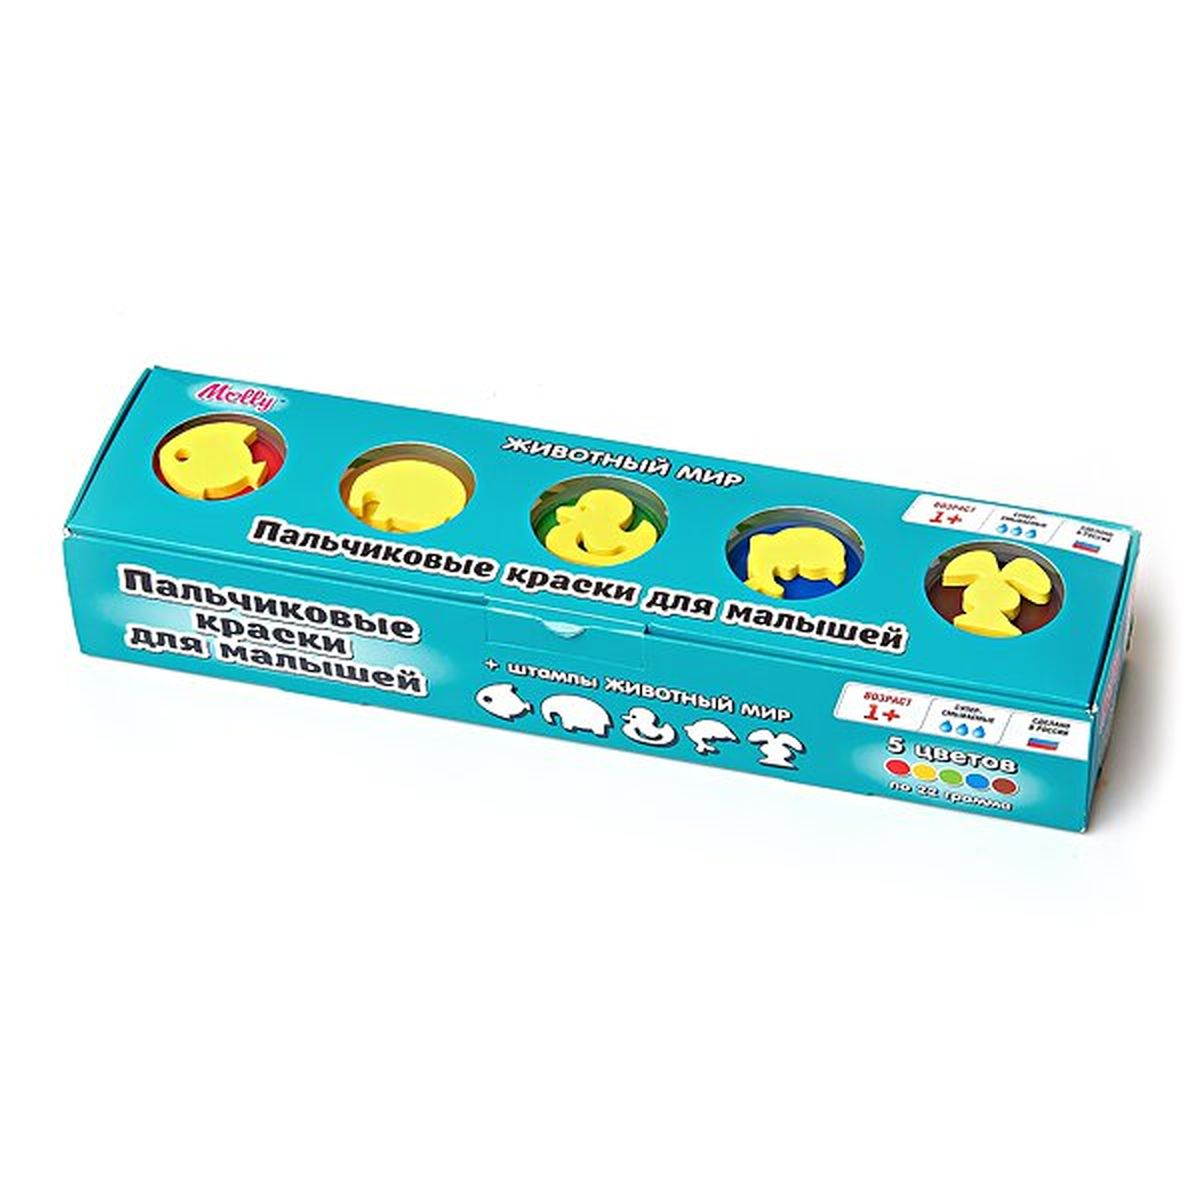 Molly Краски пальчиковые со штампами Животный мирFS-36052Замечательные пальчиковые краски Molly Животный мир отлично подойдут для первого творчества малыша. В комплект входят 5 разноцветных баночек с краской по 22 мл.Ими можно рисовать с помощью кисточки, а можно выводить узоры прямо пальчиками, что непременно понравится крохе.Краски изготовлены из натуральных ингредиентов, нетоксичны и полностью безопасны для малыша.Благодаря своему составу они отлично смываются с рук и отстирываются с одежды, а их консистенция позволяет смешивать различные цвета, получая новые уникальные оттенки.Верх баночек выполнен в виде штампиков, с помощью которых юный художник сможет дополнить свои композиции рисунками животных.